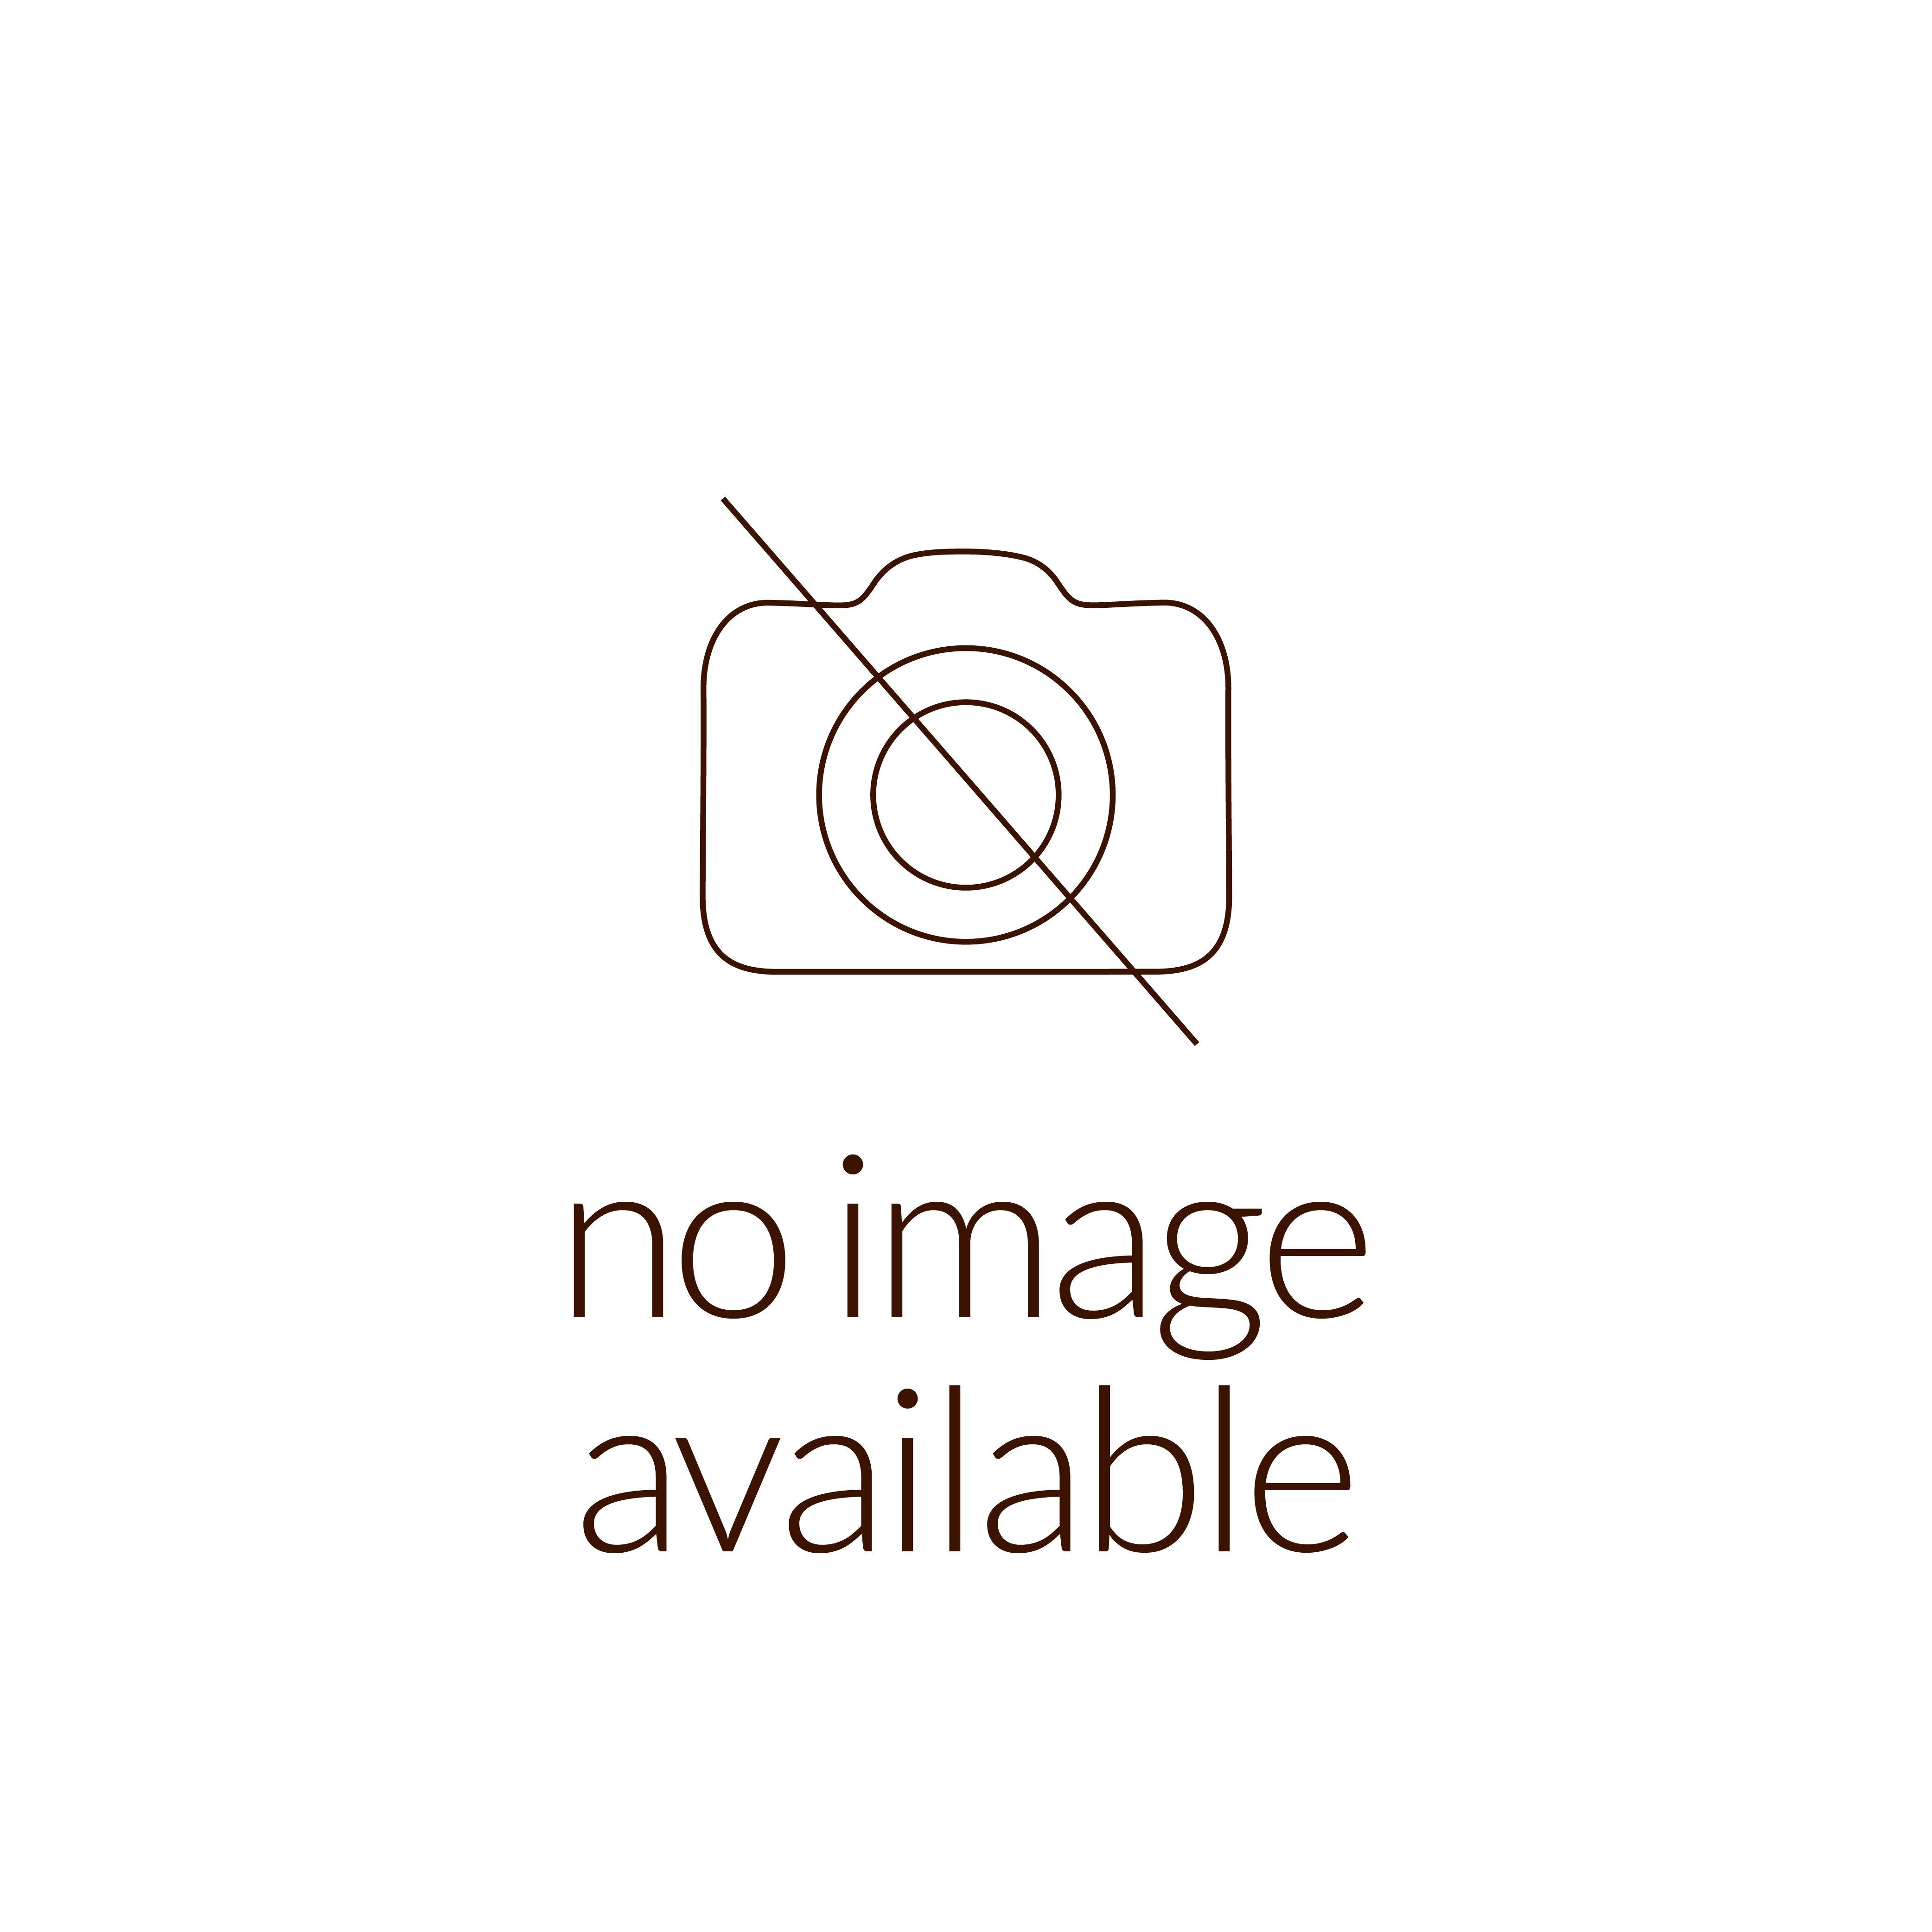 זהב להשקעה, מטיל זהב טהור, 100 גרם - צד הנושא